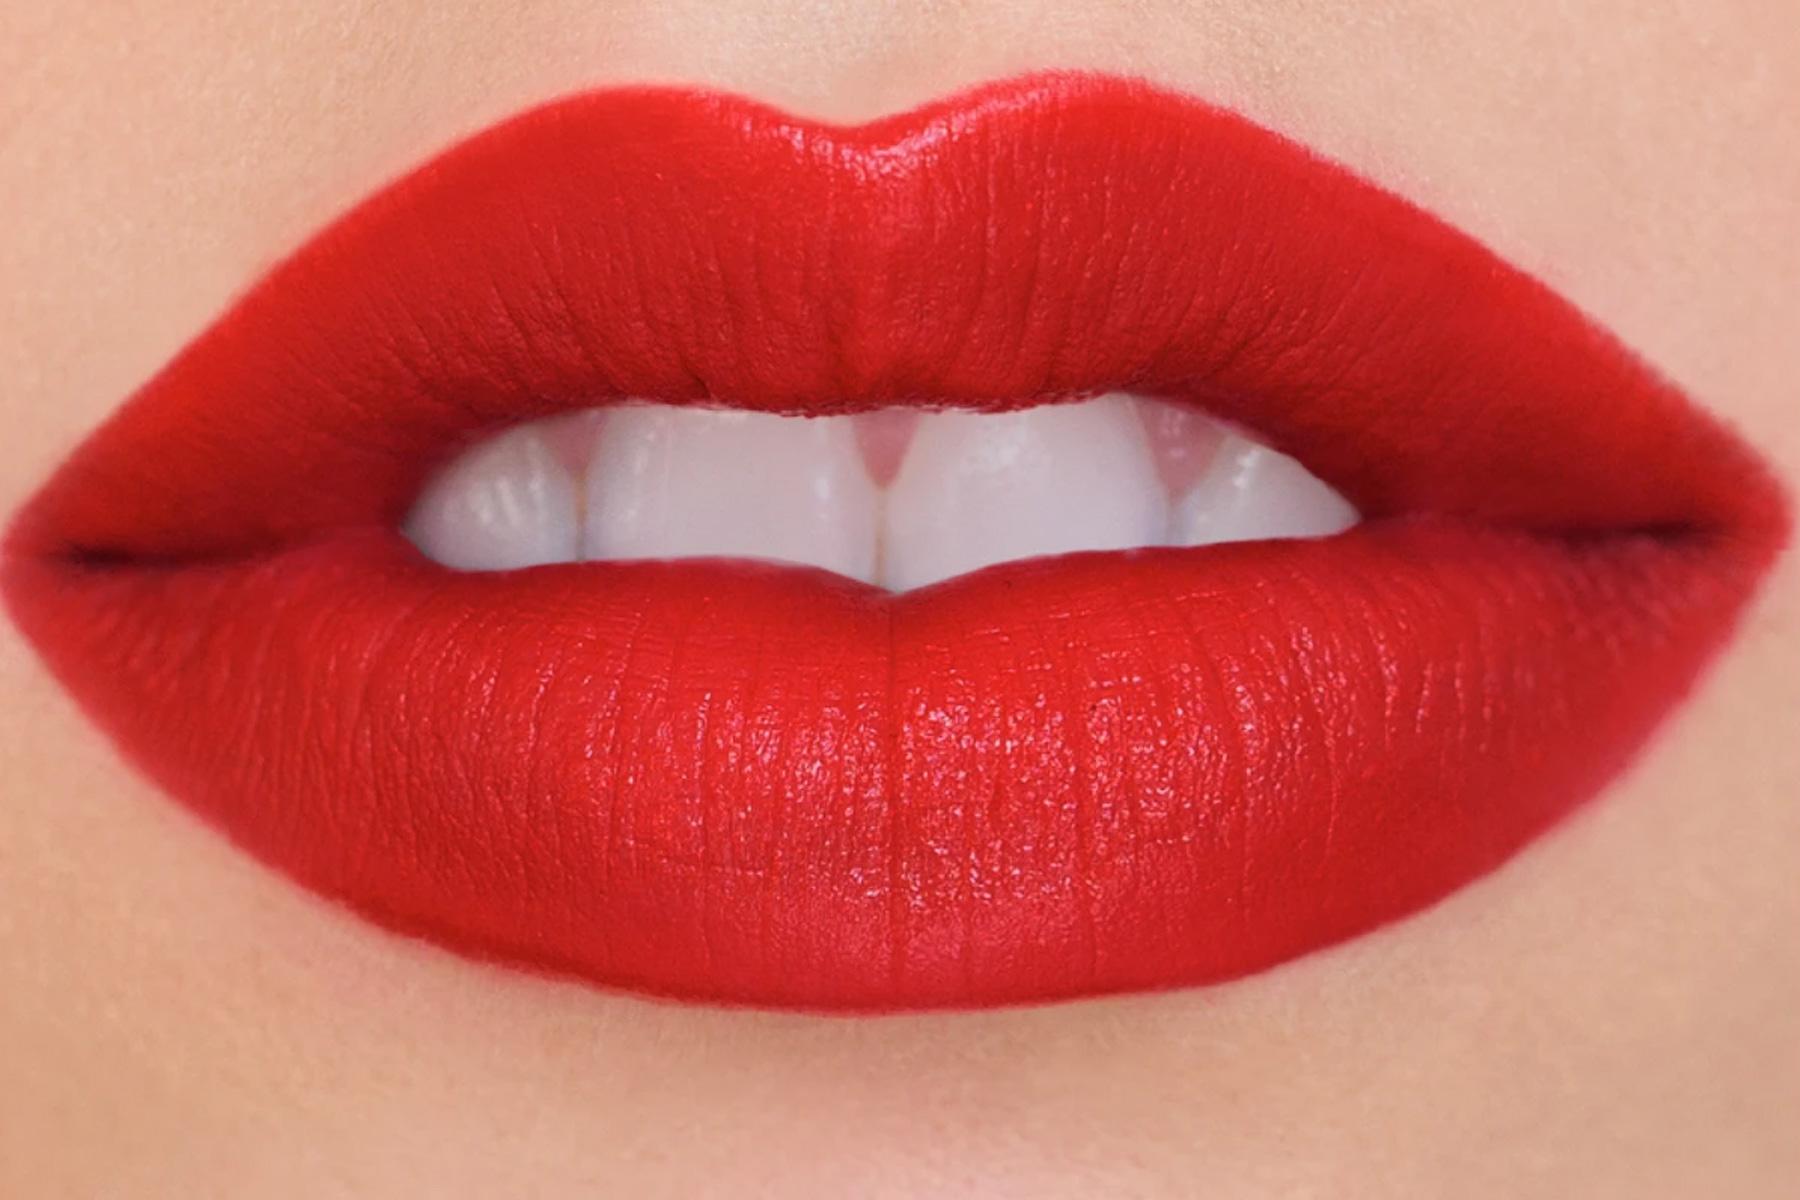 chantecaille lip veil protea swatch